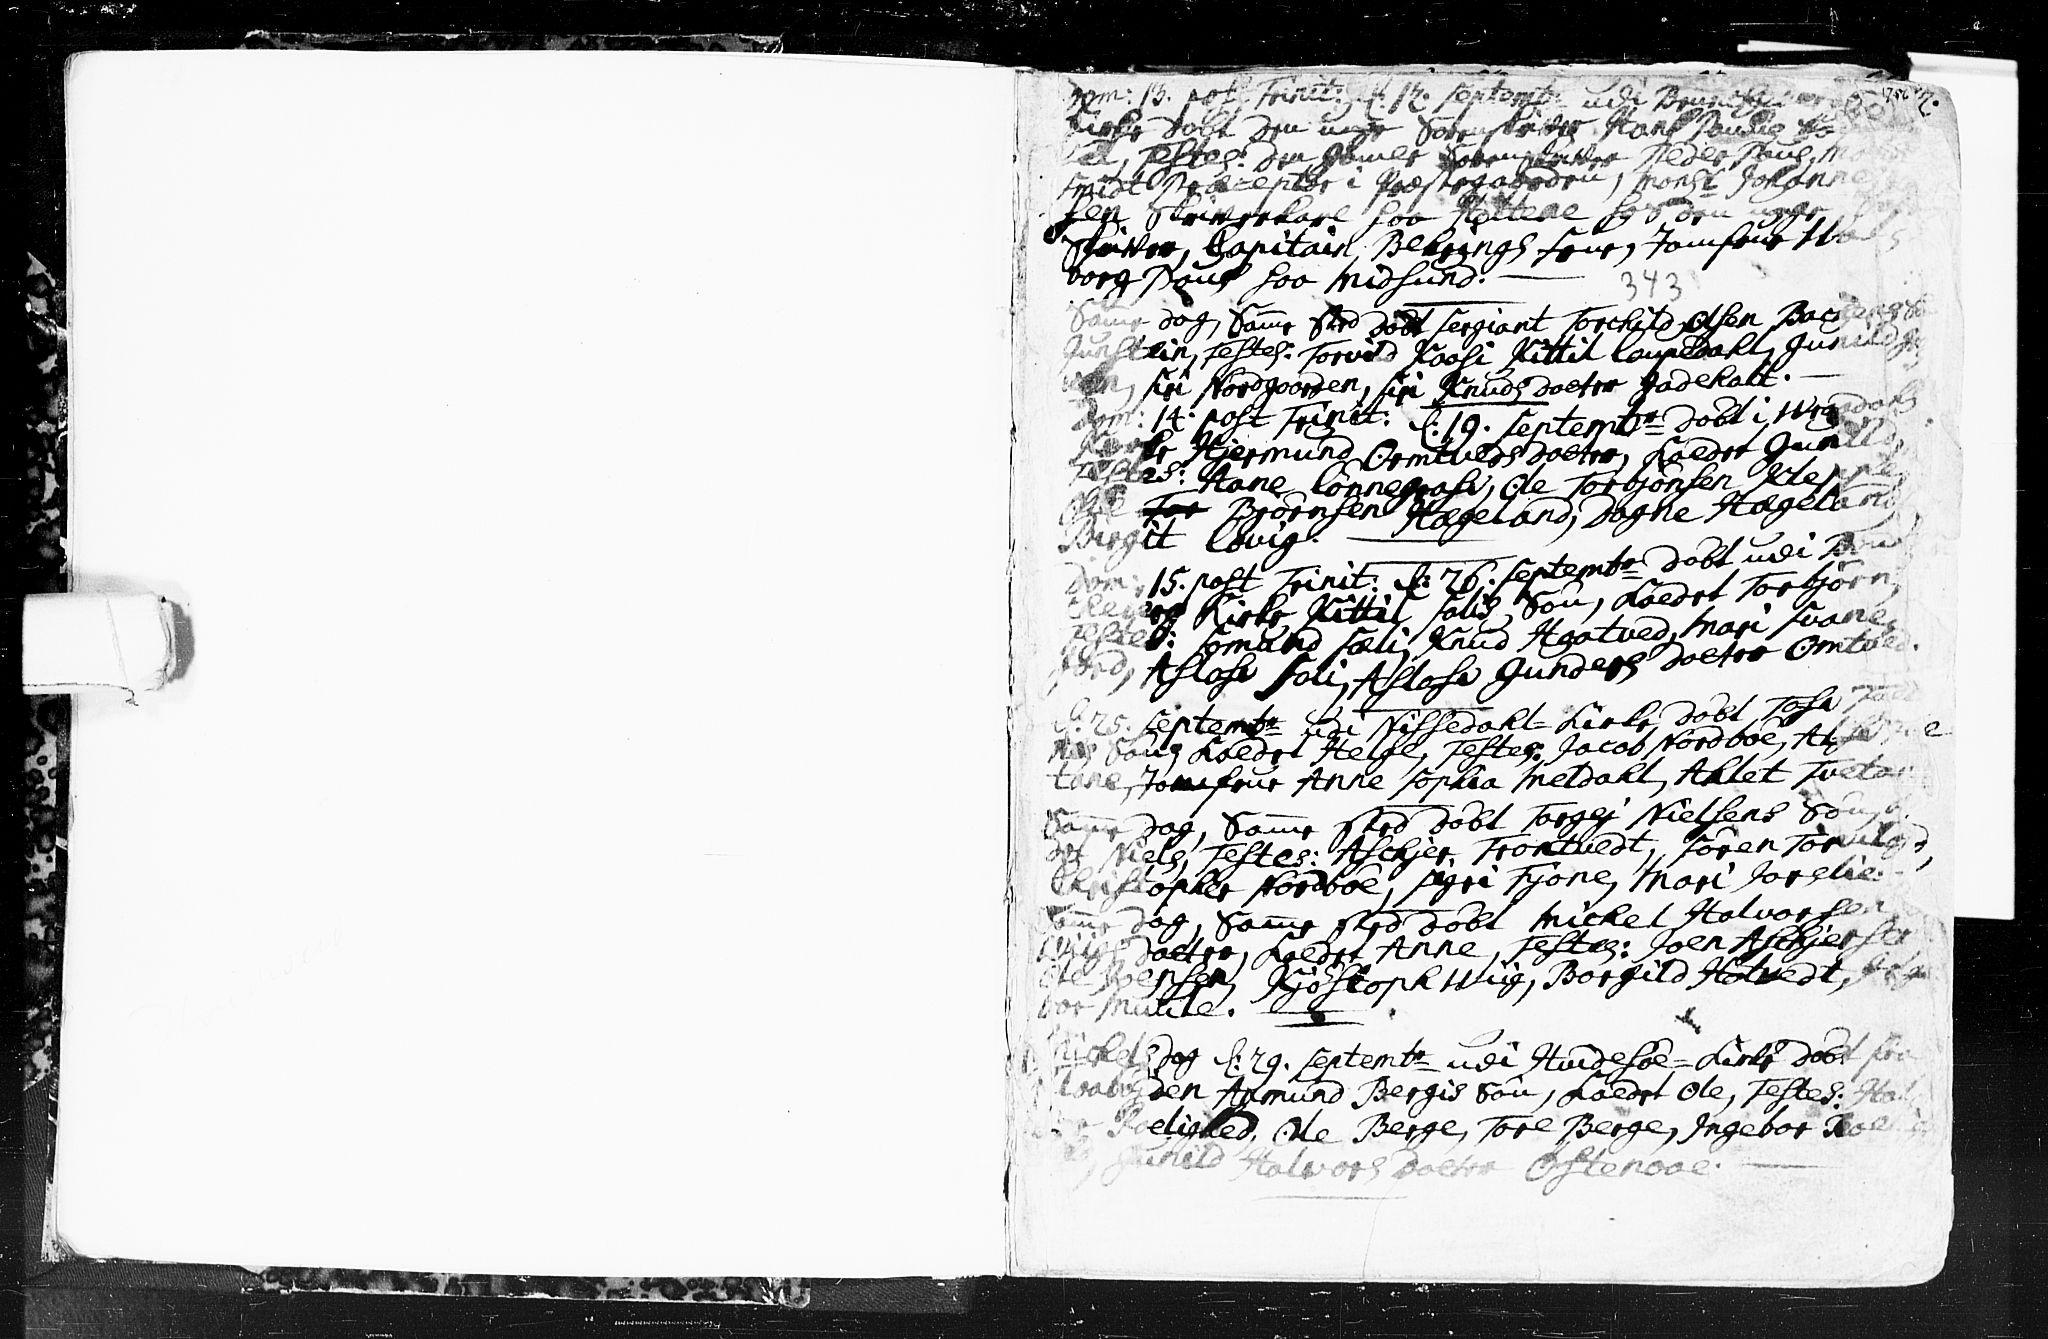 SAKO, Kviteseid kirkebøker, F/Fa/L0001: Ministerialbok nr. I 1, 1754-1773, s. 19-20